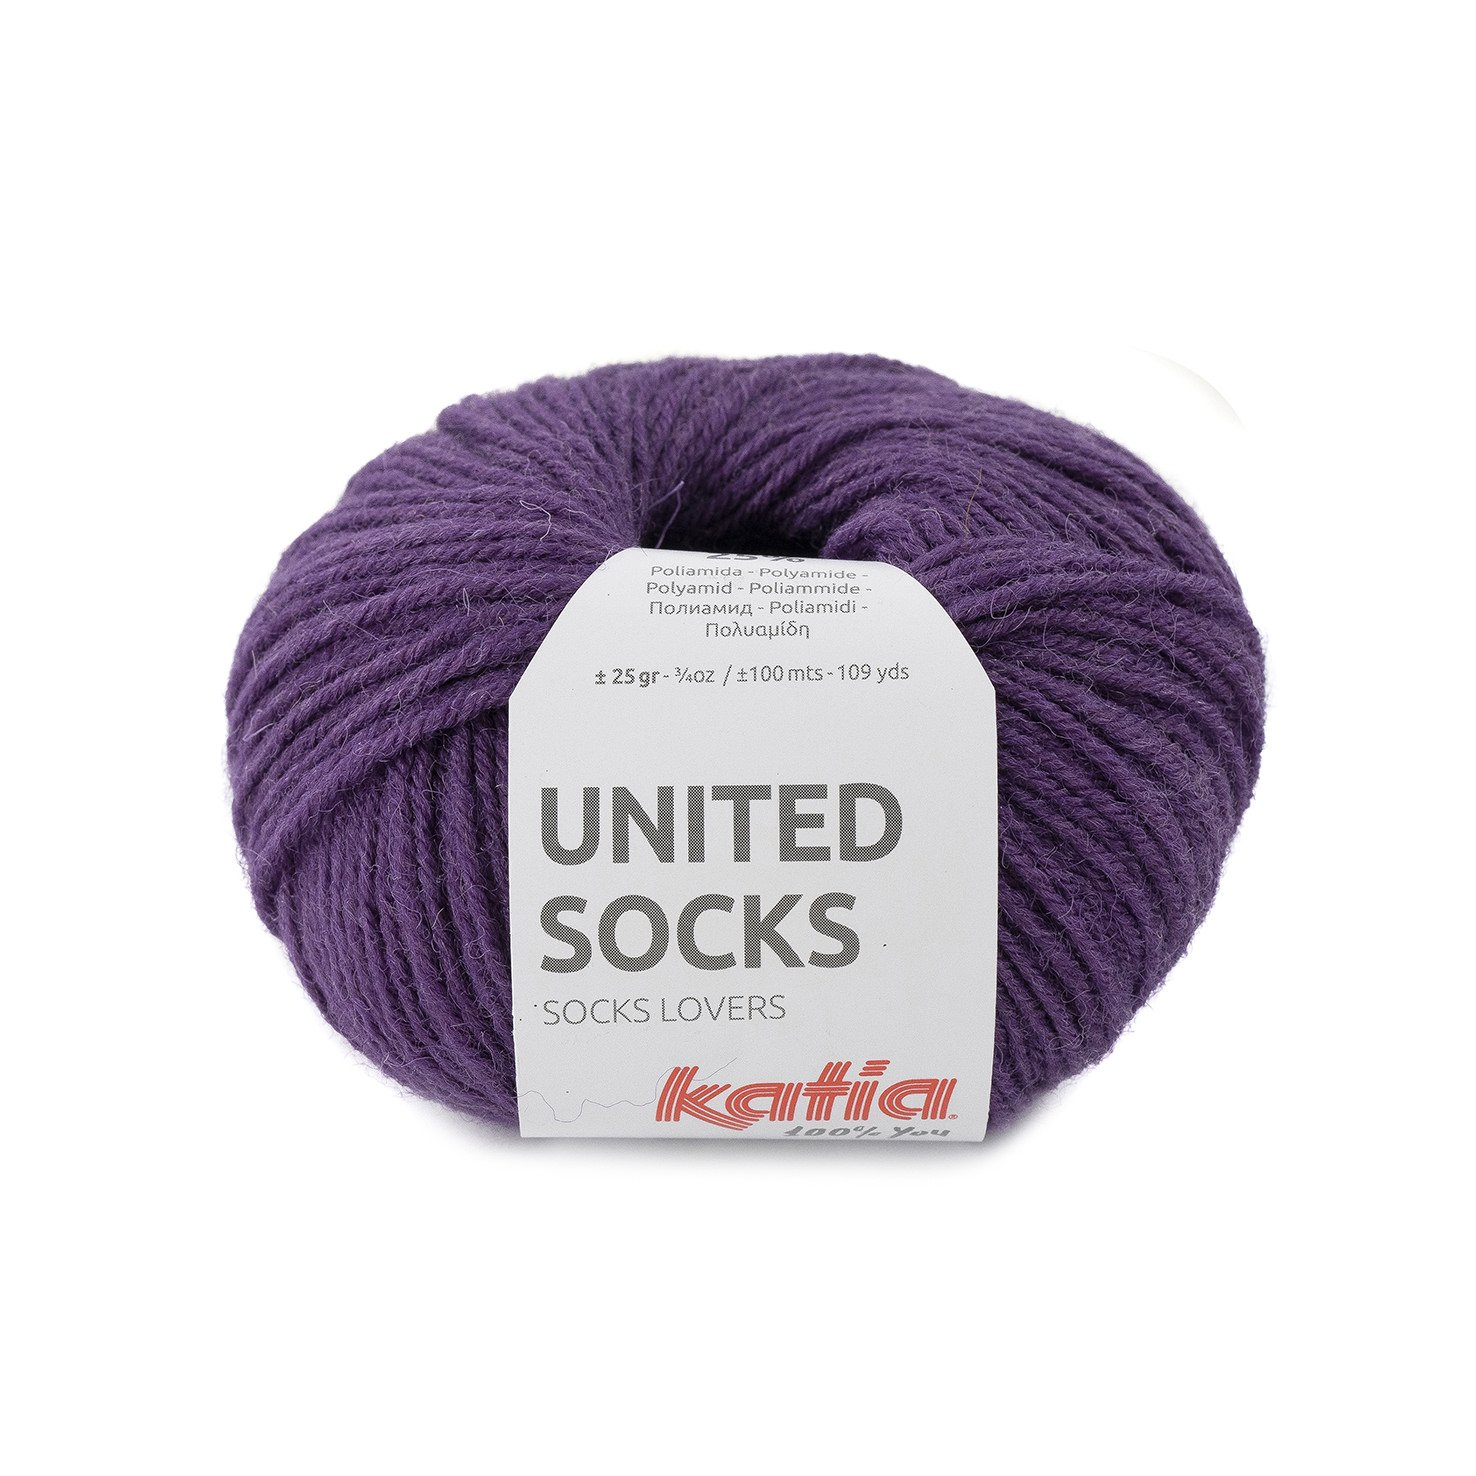 sokkenwol parelmoer licht violet